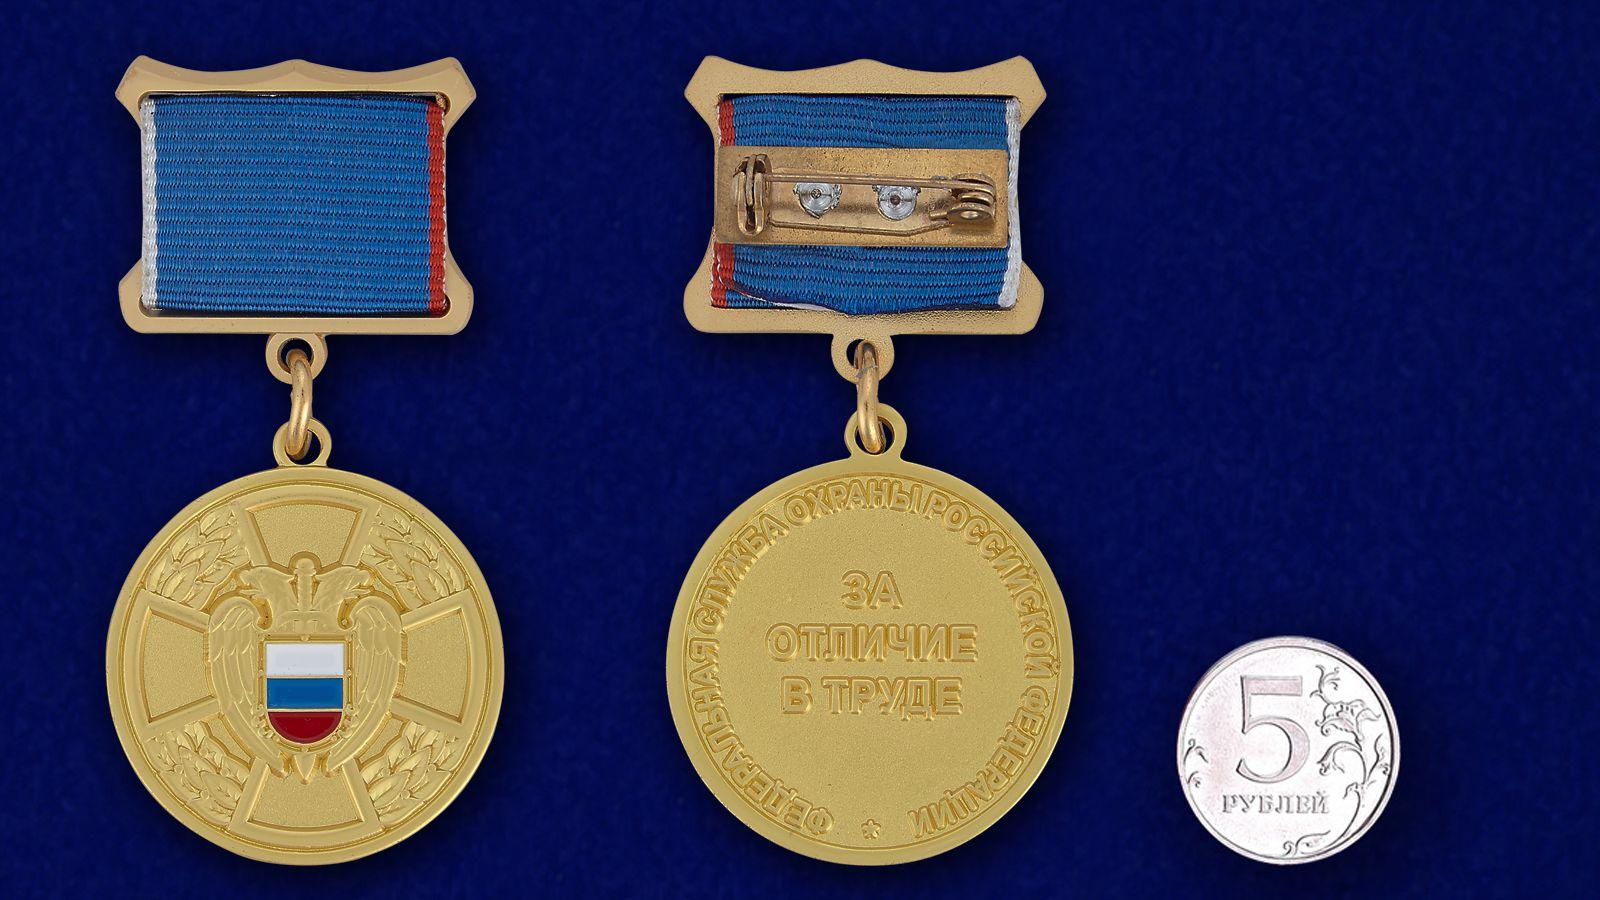 Медаль ФСО РФ За отличие в труде в бархатном футляре - Сравнительный вид